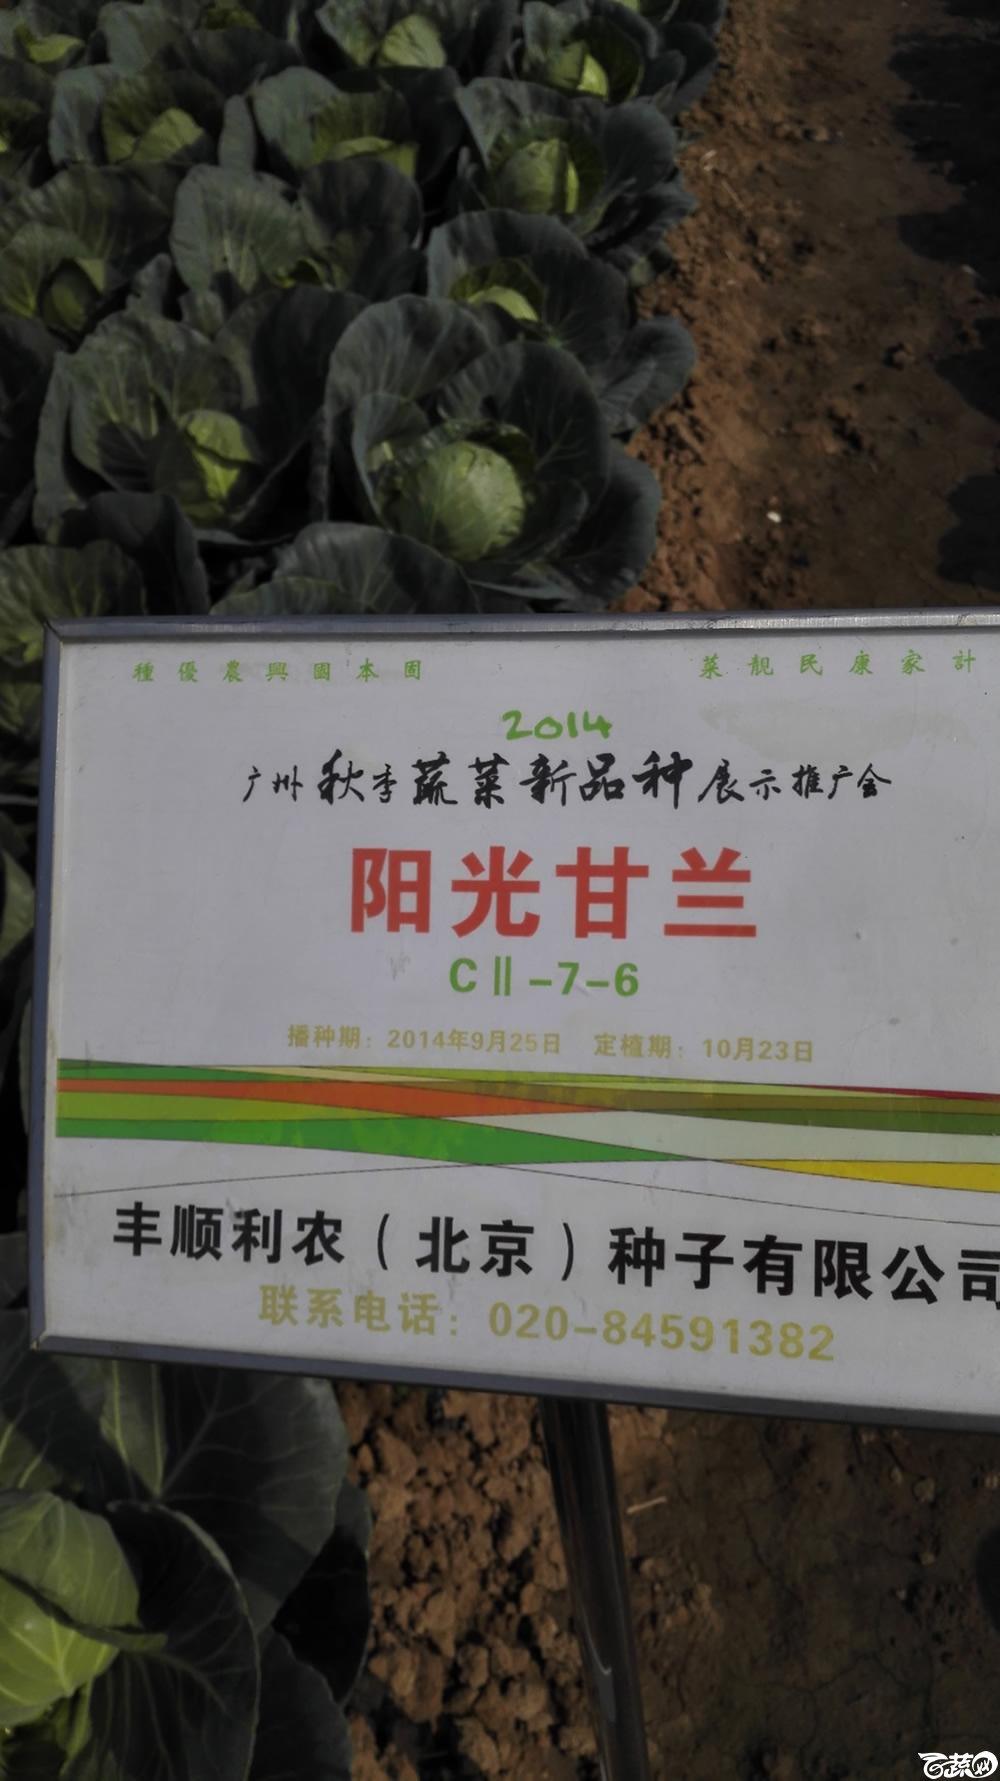 2014年12月10号广州市农科院南沙秋季蔬菜新品种展示会 甘蓝_100.jpg